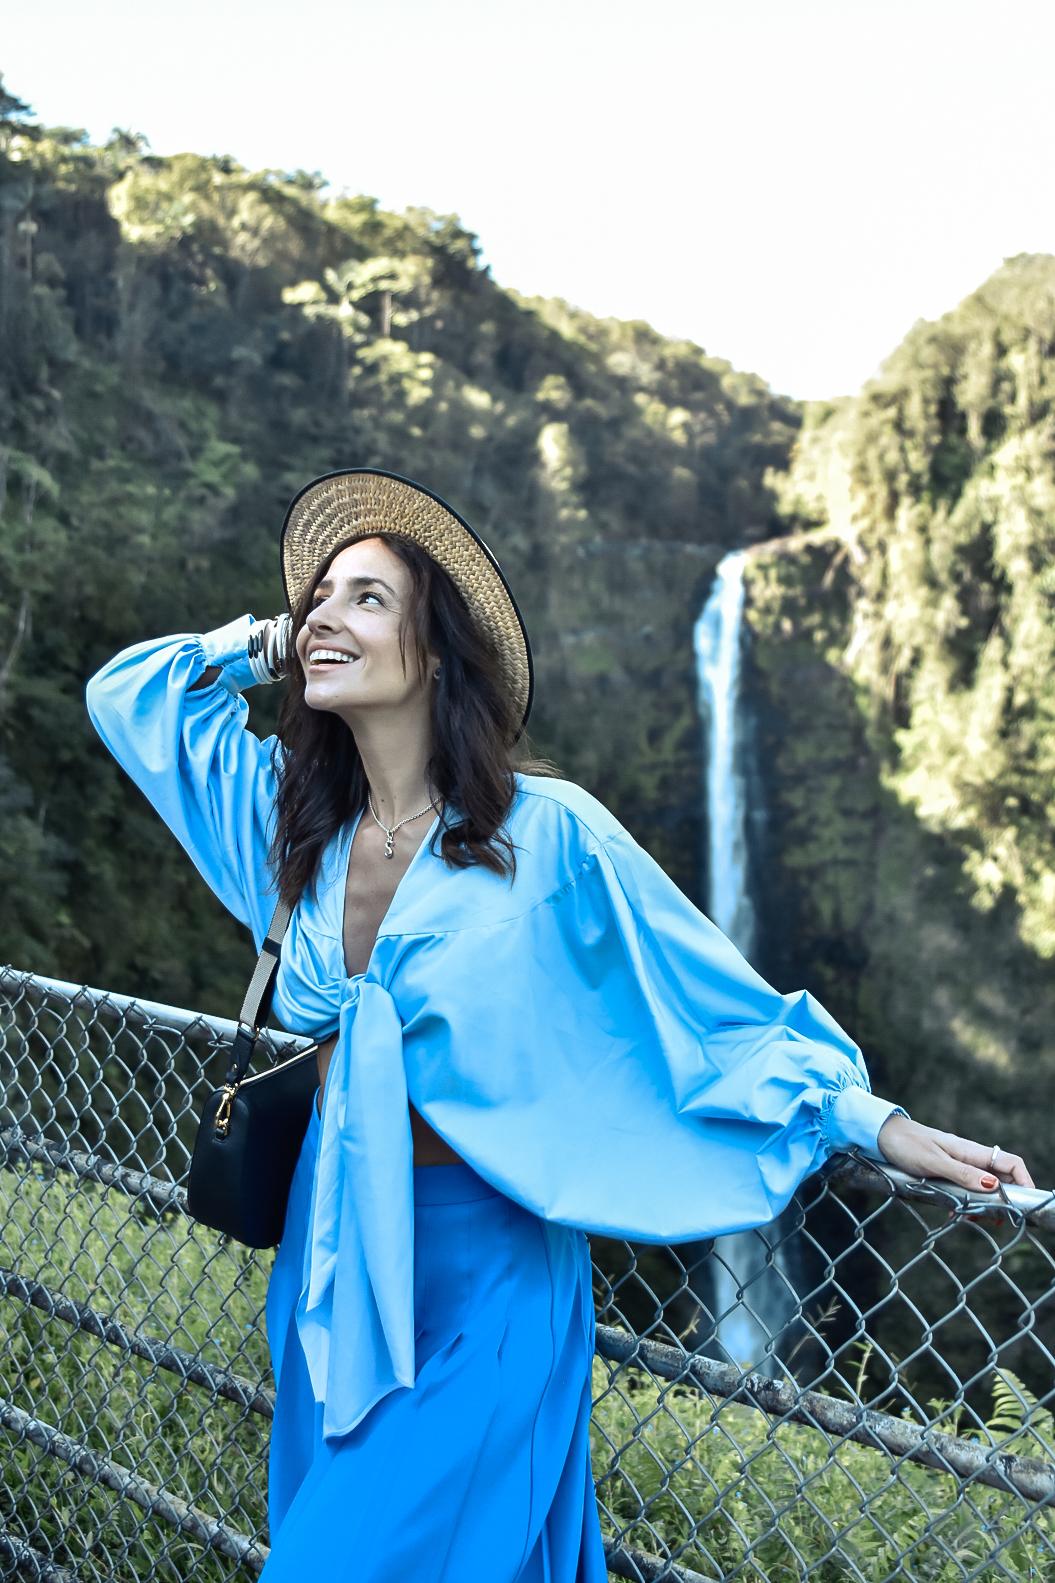 el-blog-de-silvia-blusa-azul-viaje-hawaii